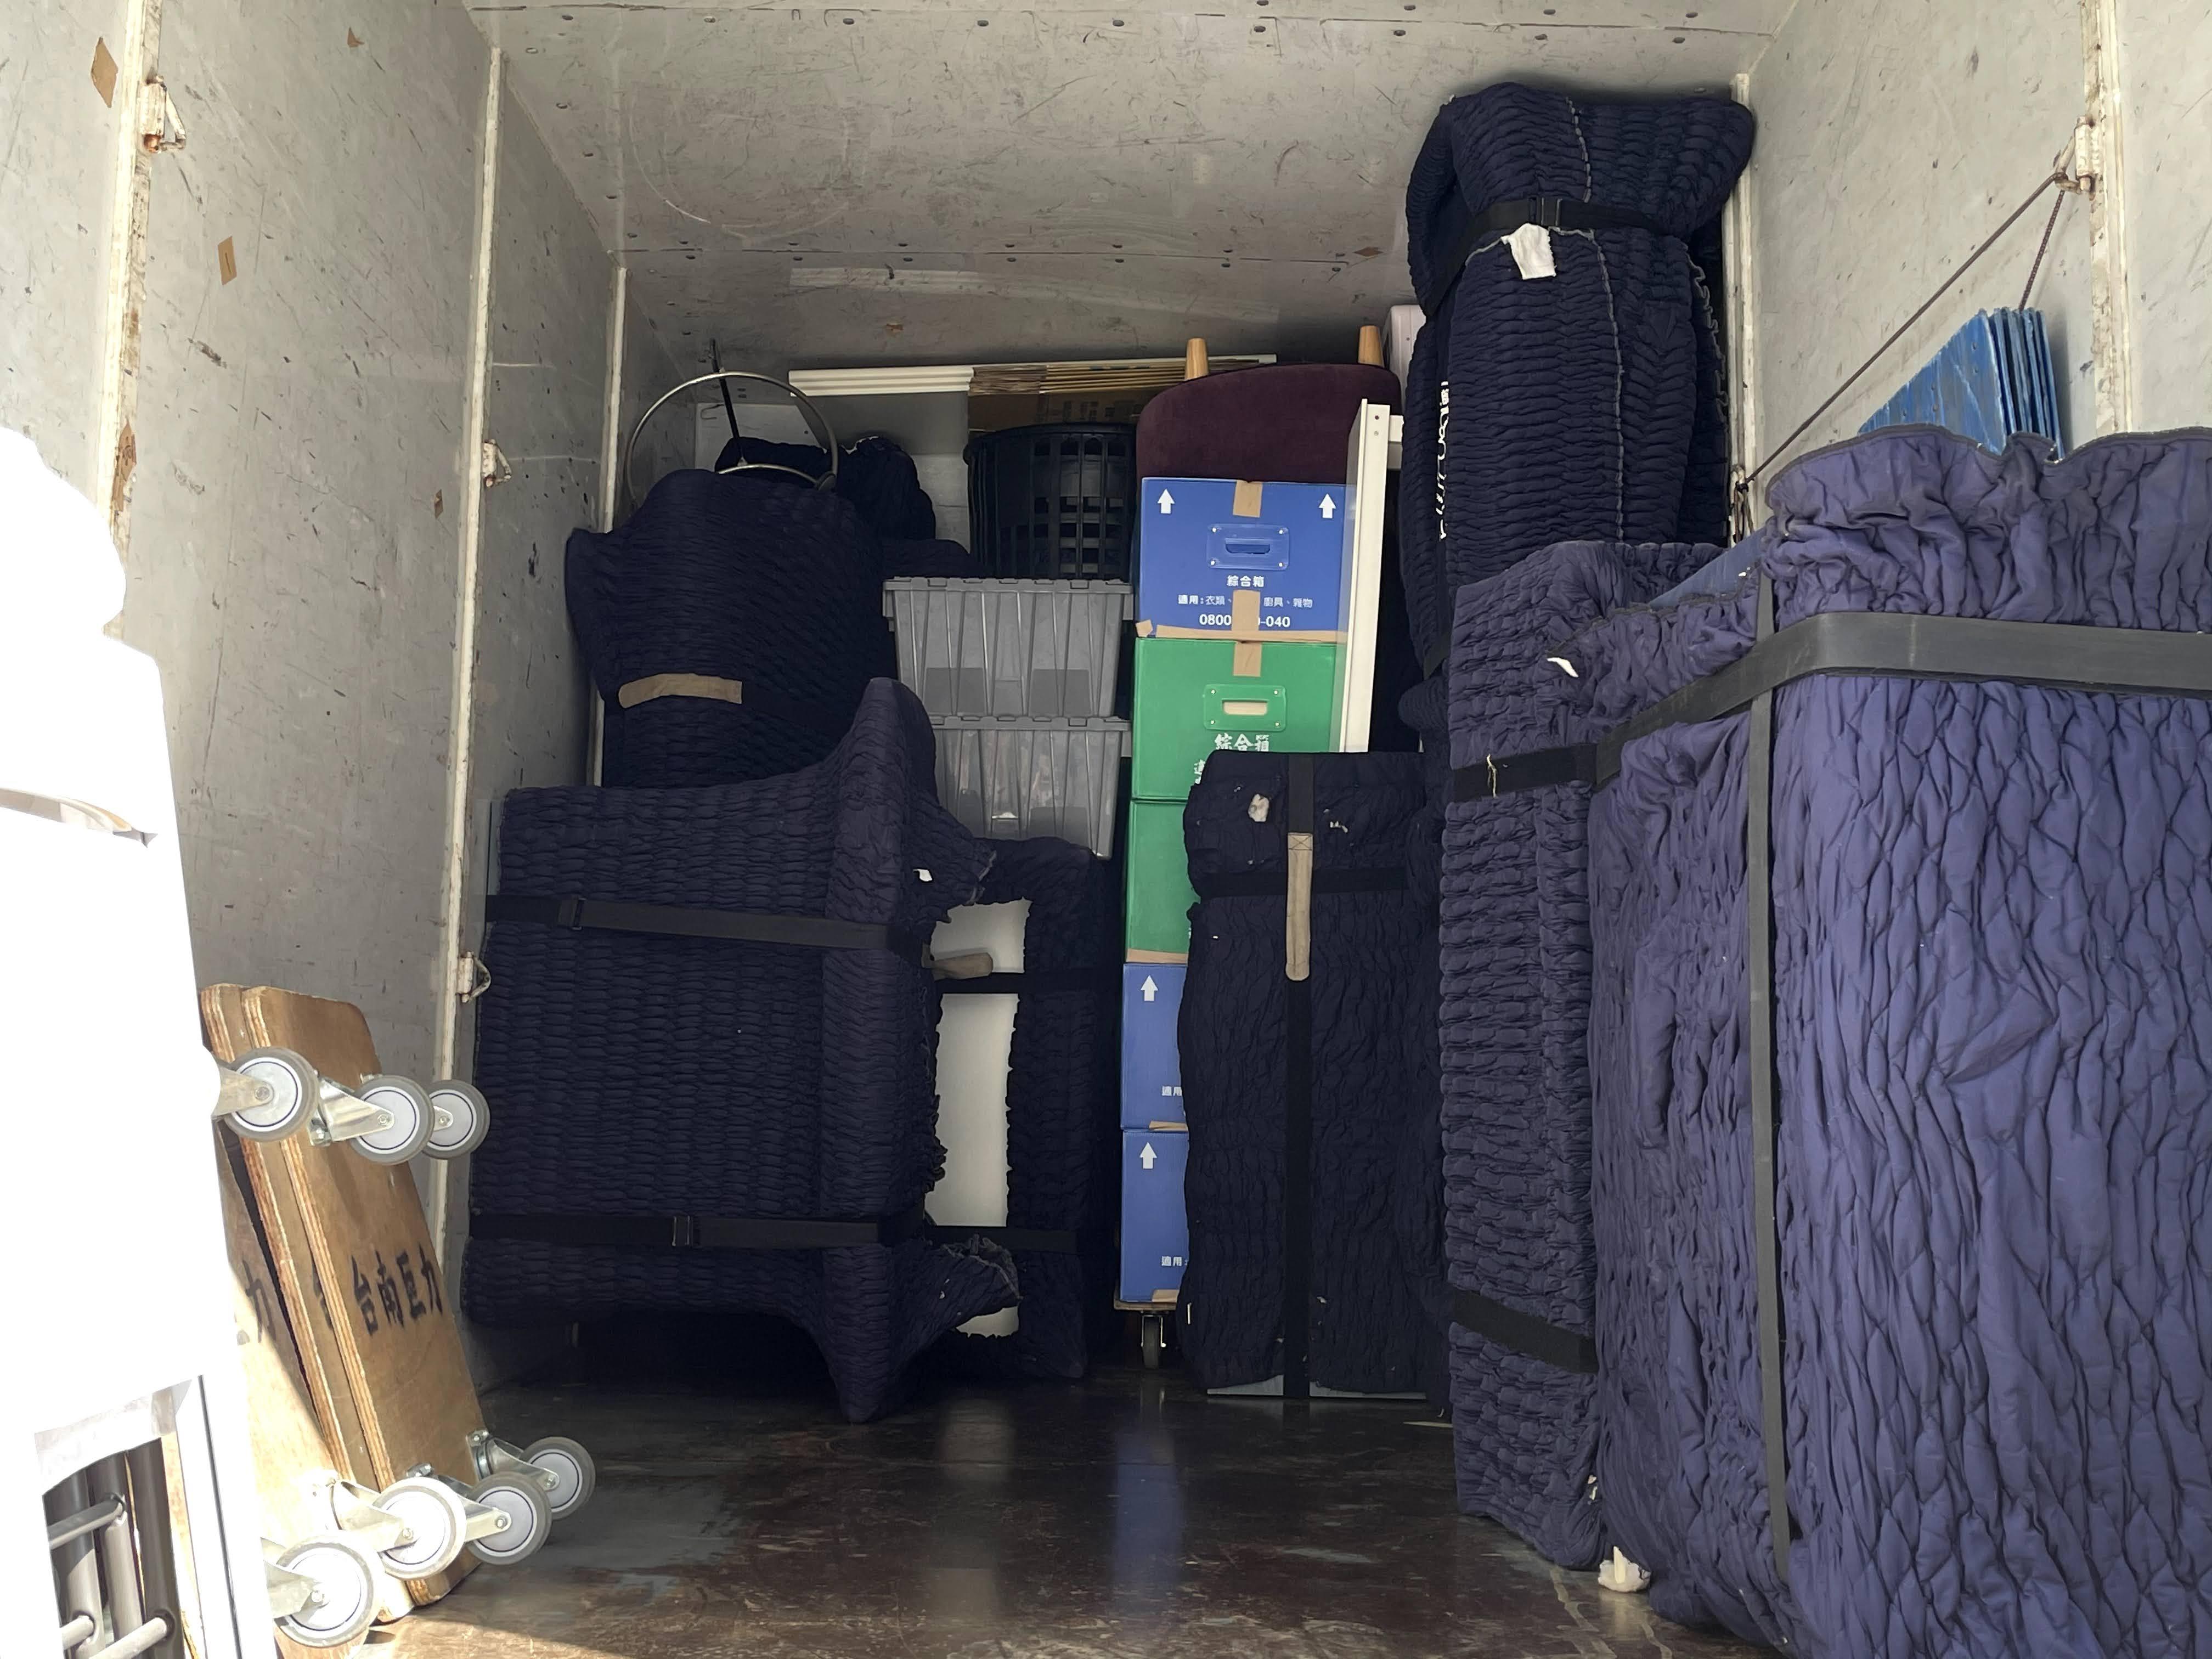 [台南][搬家推薦] 巨力搬家大師|線上試算價格透明安心|專業服務搬家好方便